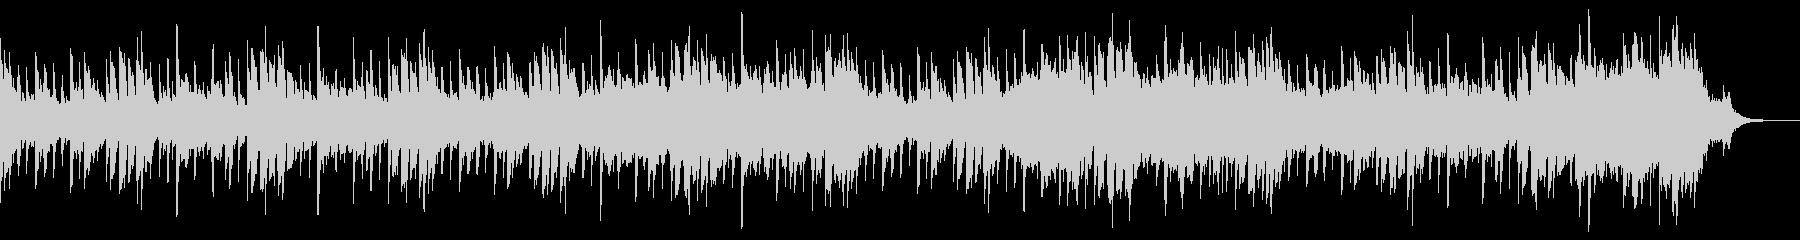 クラシック 交響曲 モダン 室内楽...の未再生の波形